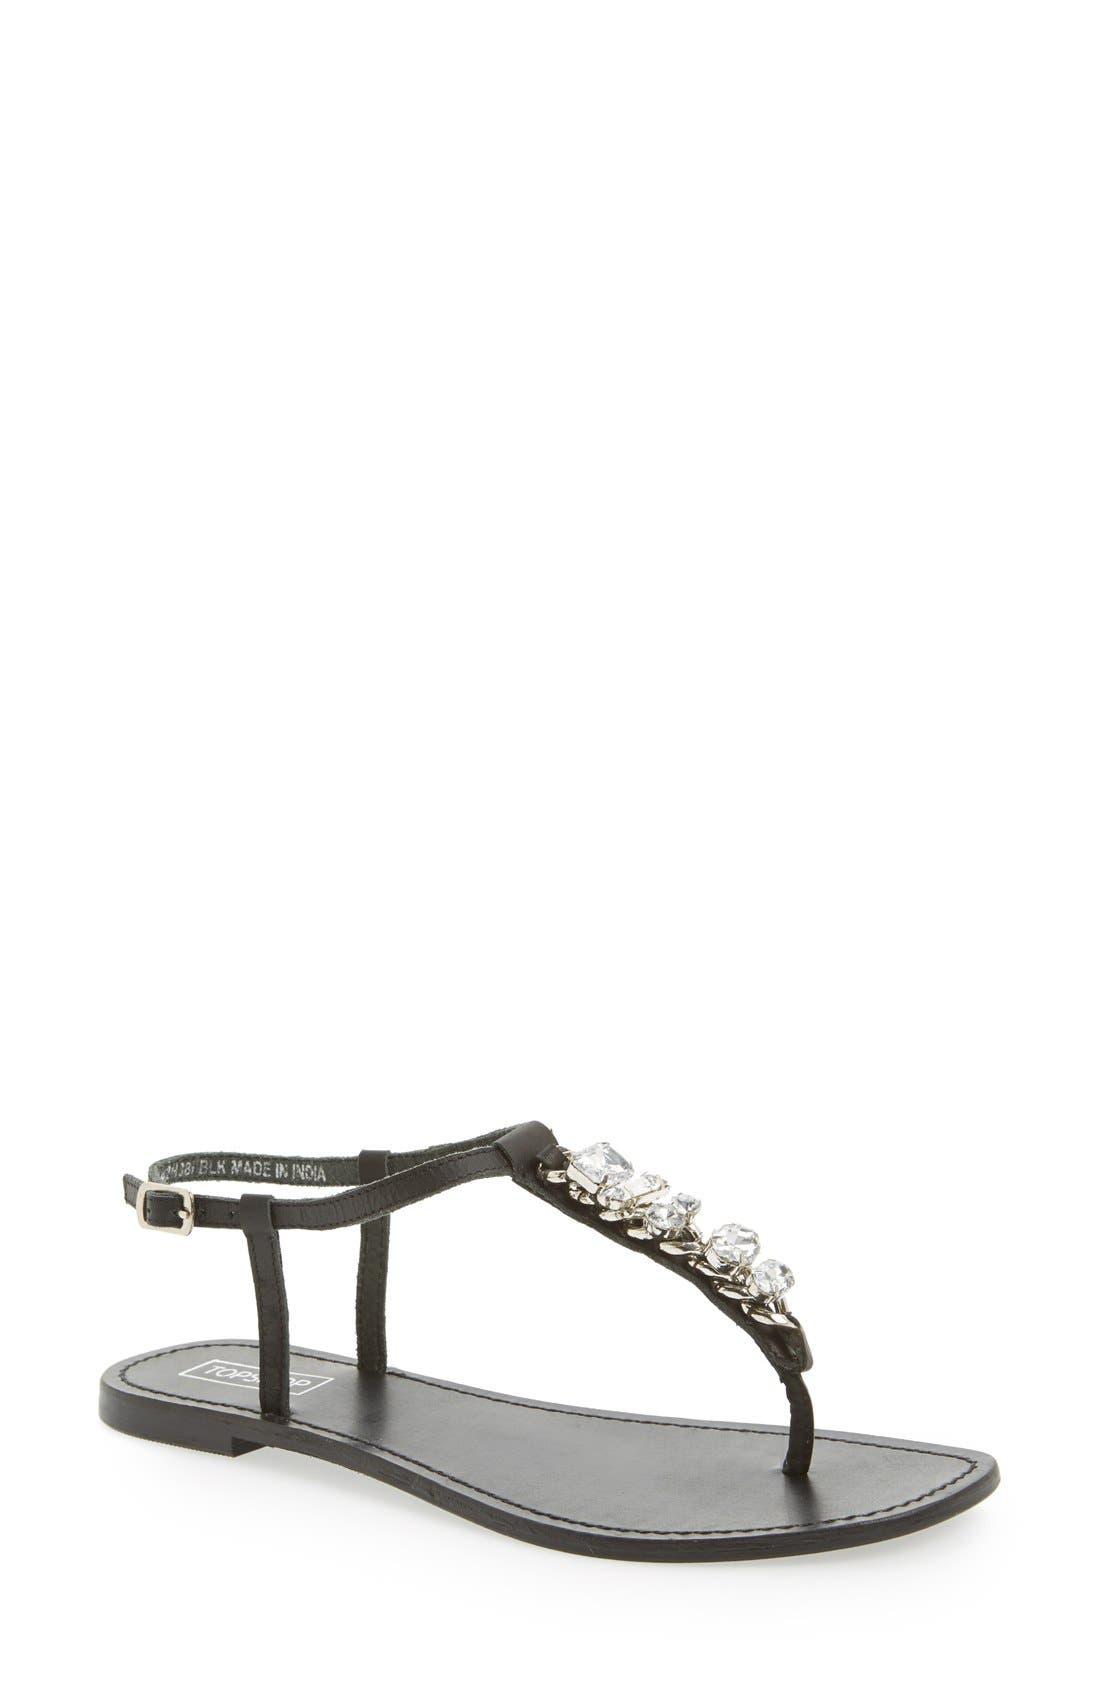 Alternate Image 1 Selected - Topshop 'Hotter' Embellished T-Strap Sandal